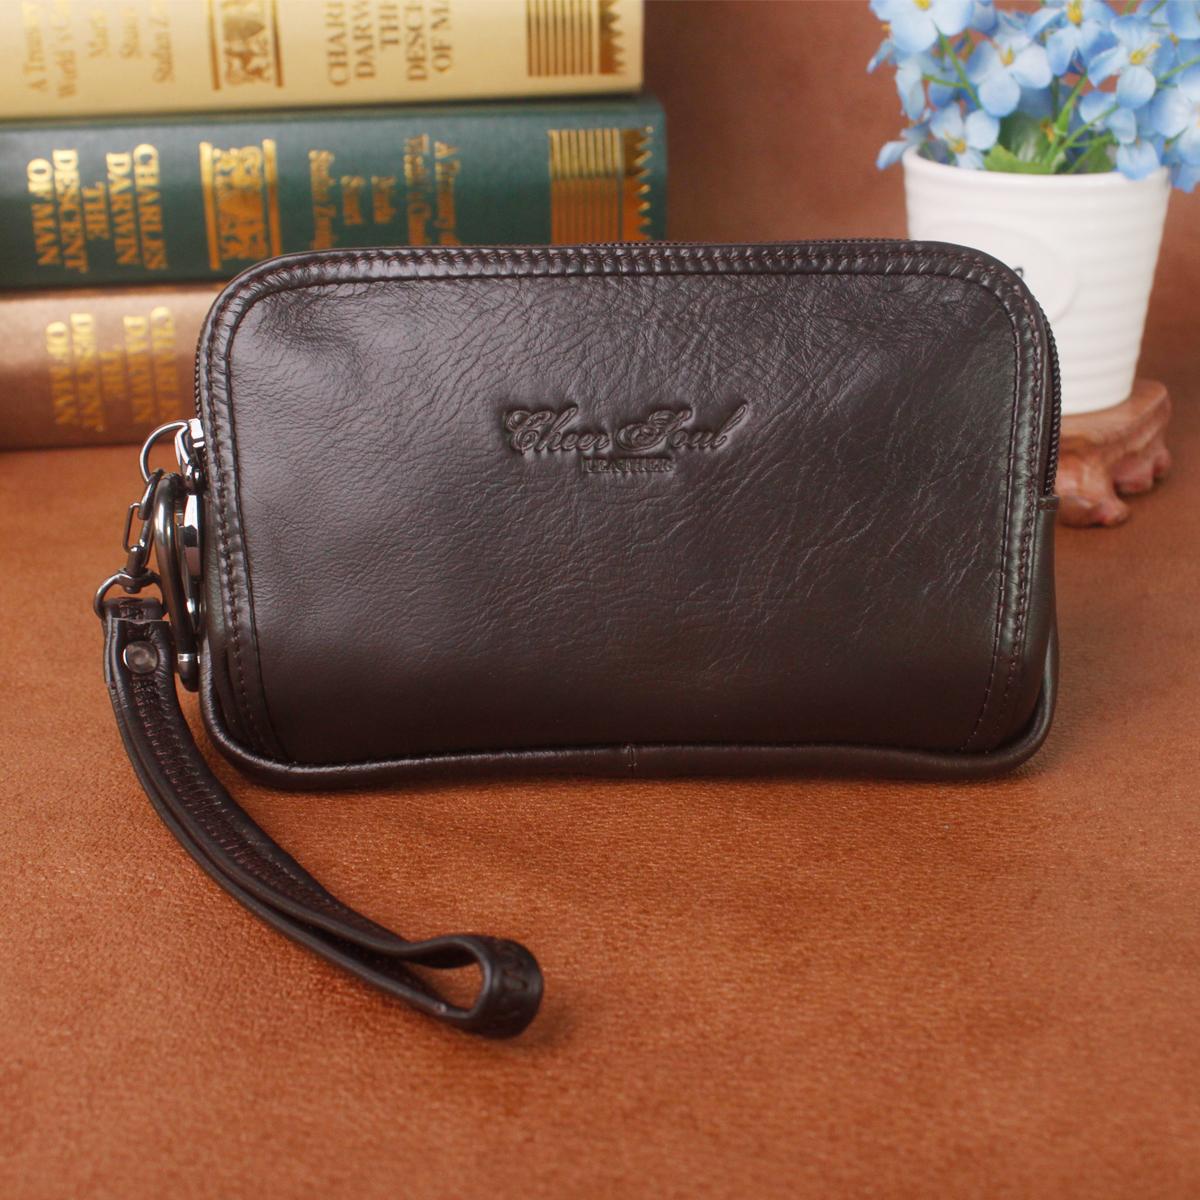 喜枝秀男士牛皮手拿包穿皮带腰包5.7寸6寸6.3寸手机包真皮男包包